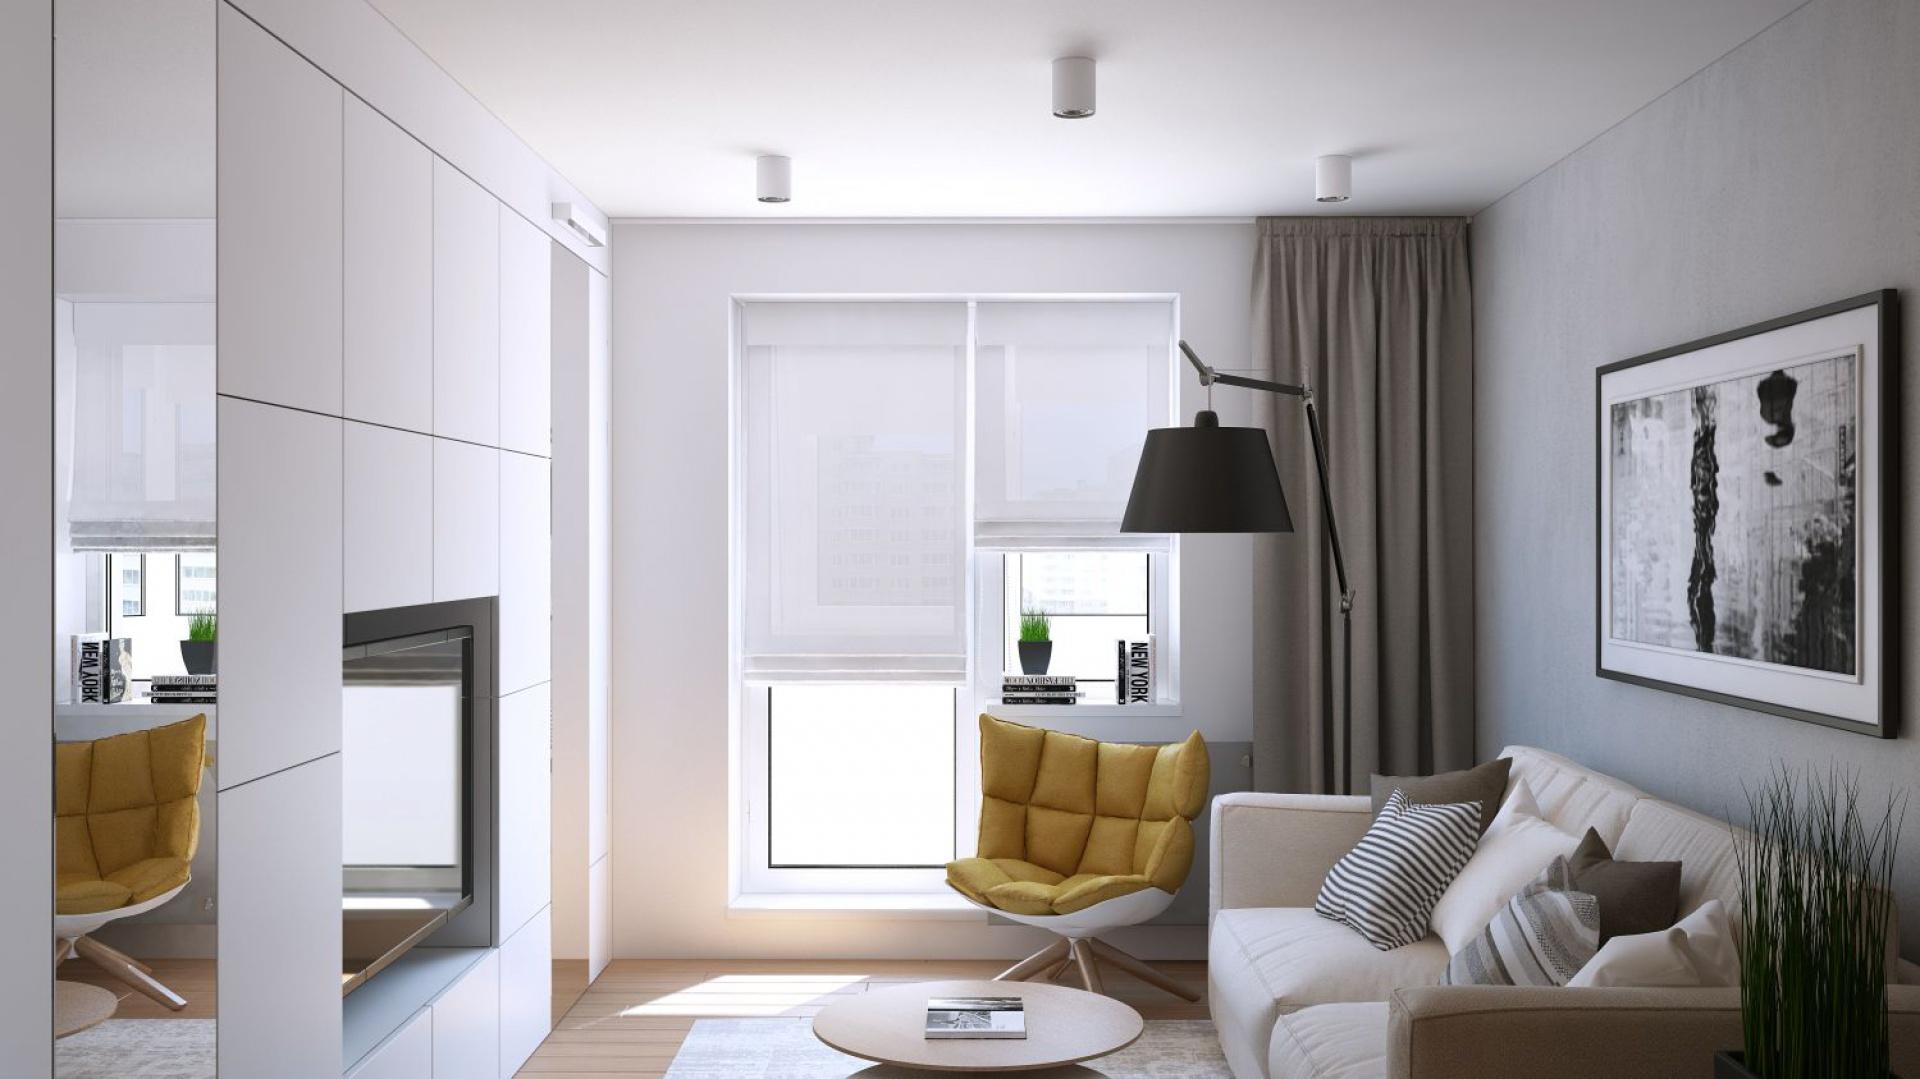 W jednym pomieszczeniu połączono funkcję pokoju dziennego i sypialni. Jest tutaj miejsce na wypoczynek (sofa z funkcją spania), dwa duże lustra, powiększające optycznie wnętrze i pozwalające właścicielce ćwiczyć jogę oraz ściana z pojemną zabudową i TV. Projekt i wizualizacje: Geometrium Design Studio.